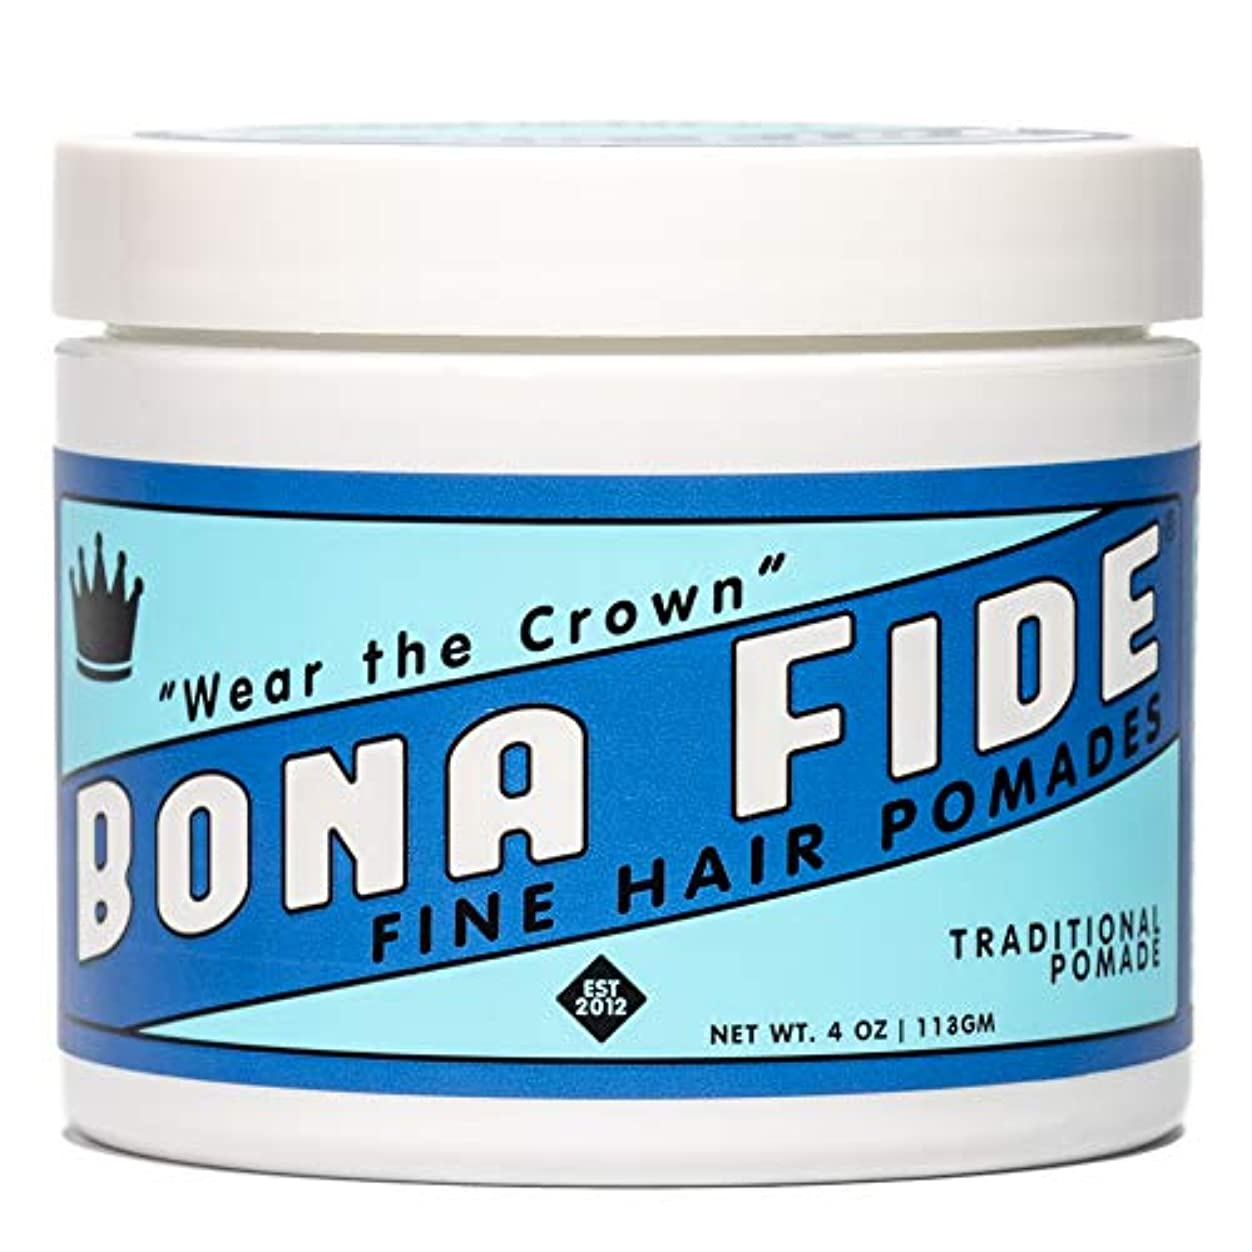 トランクヒギンズアパートボナファイドポマード(BONA FIDE POMADE) トラディショナルポマード メンズ 整髪料 ヘアスタイリング剤 油性 ヘアグリース ツヤあり ストロングホールド